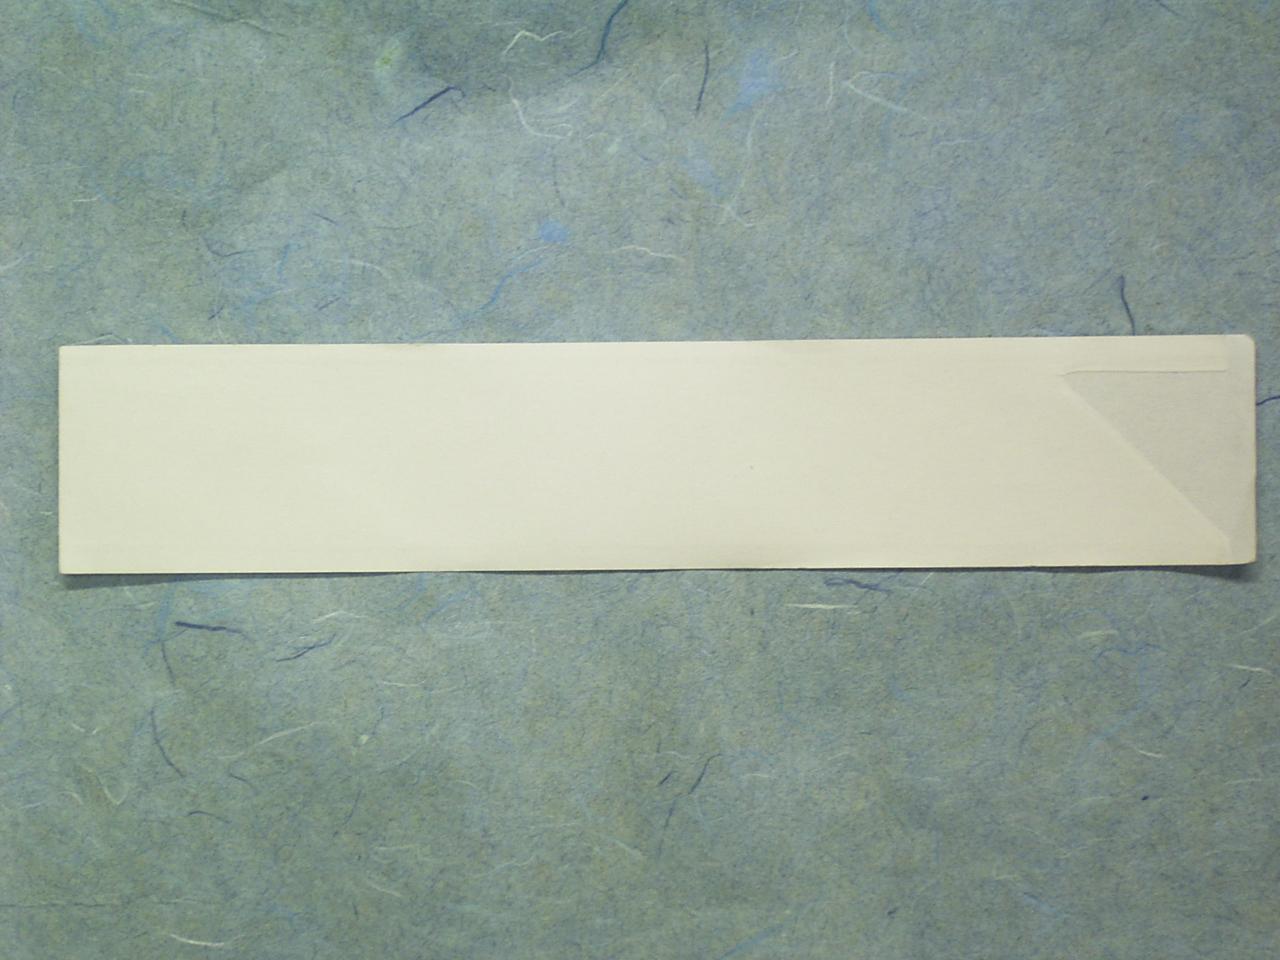 【オリジナル作成】 箸袋 特袋サイズ 和紙 1色刷 10,000枚